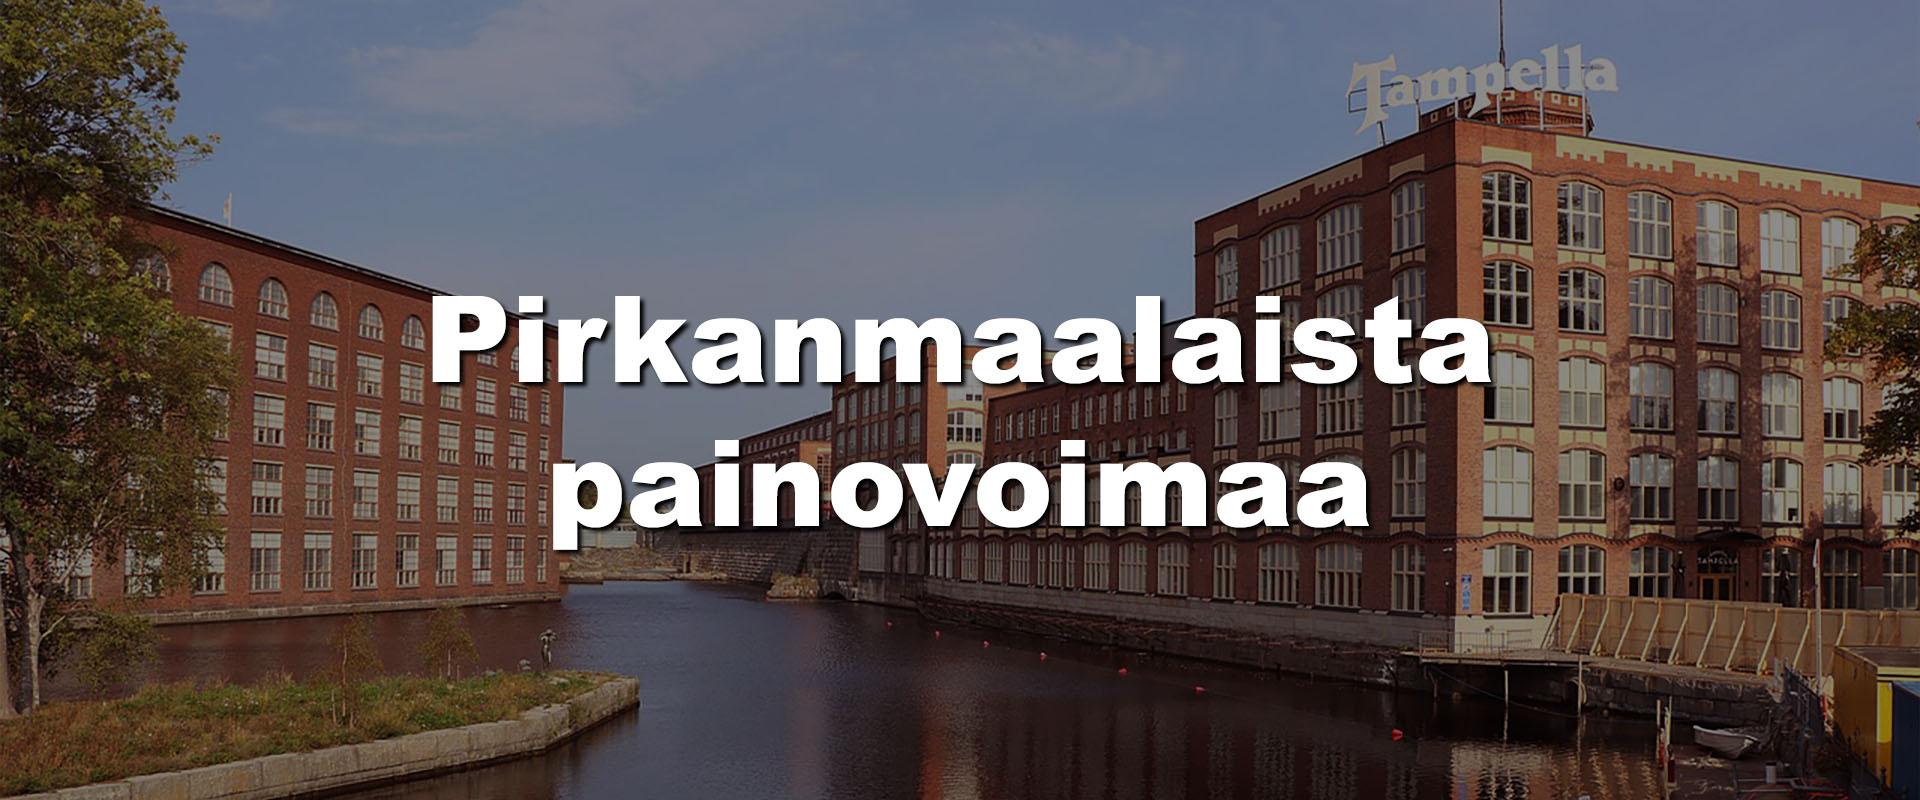 PK-Paino Oy - Tampere | Pirkanmaalaista painovoimaa